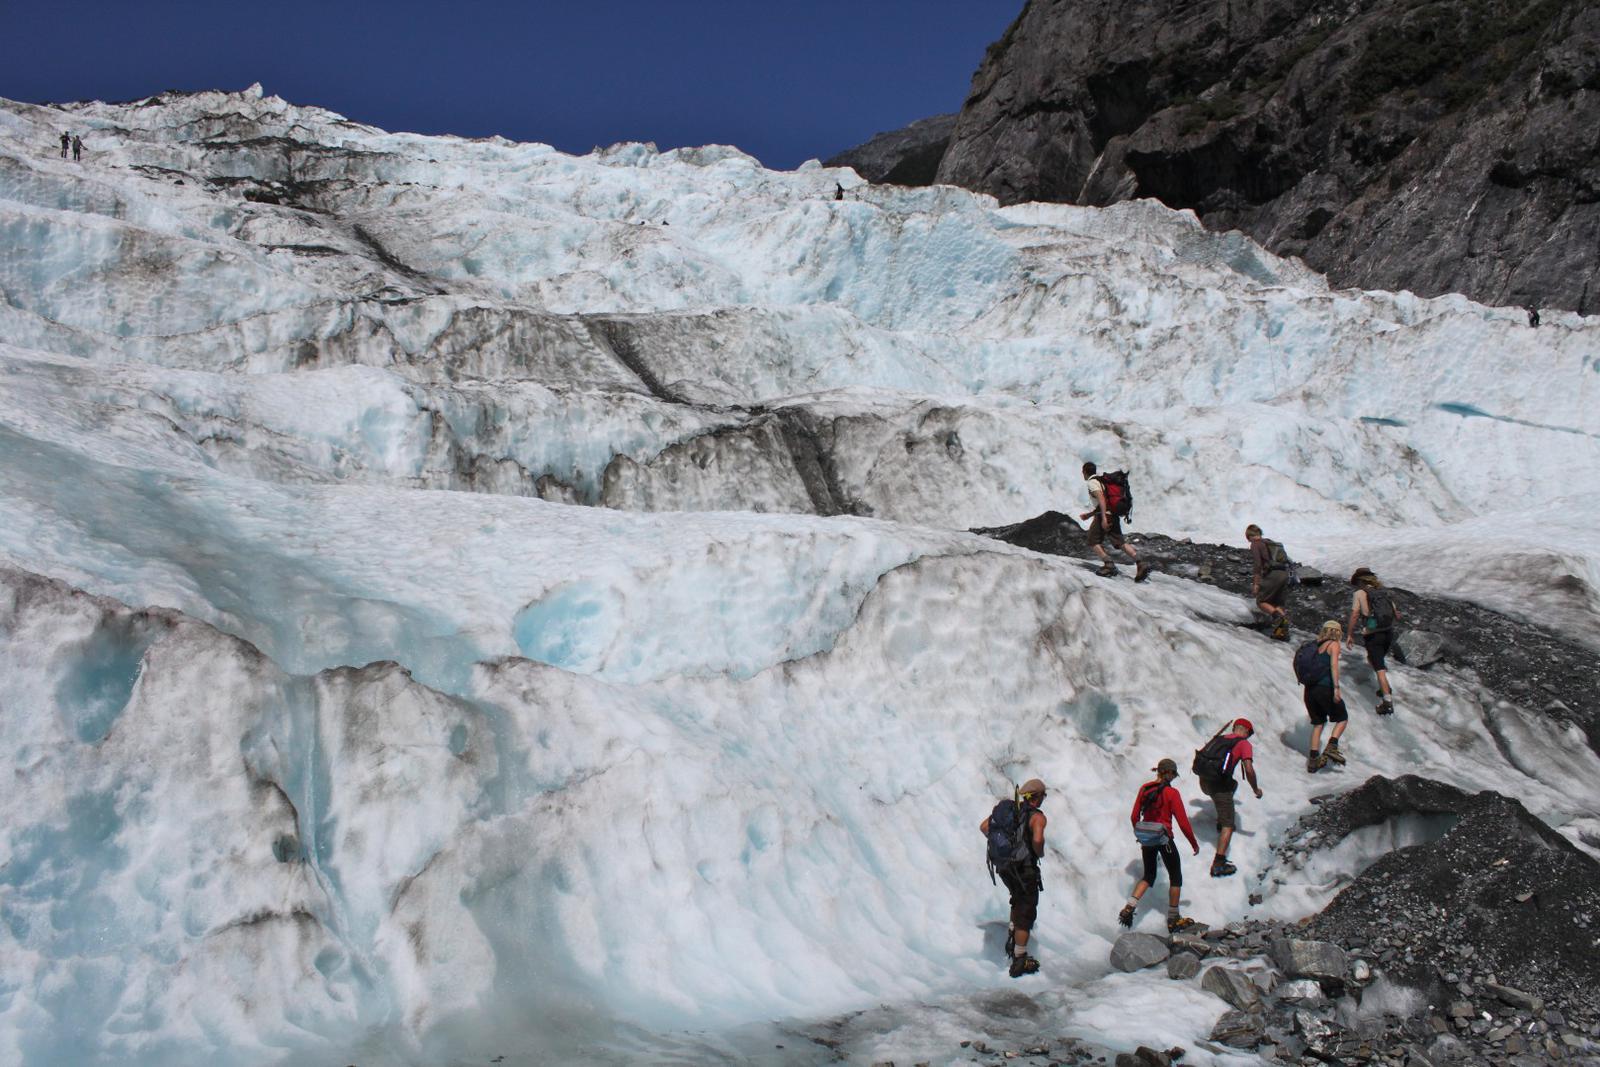 New Zealand: Franz Josef Glacier